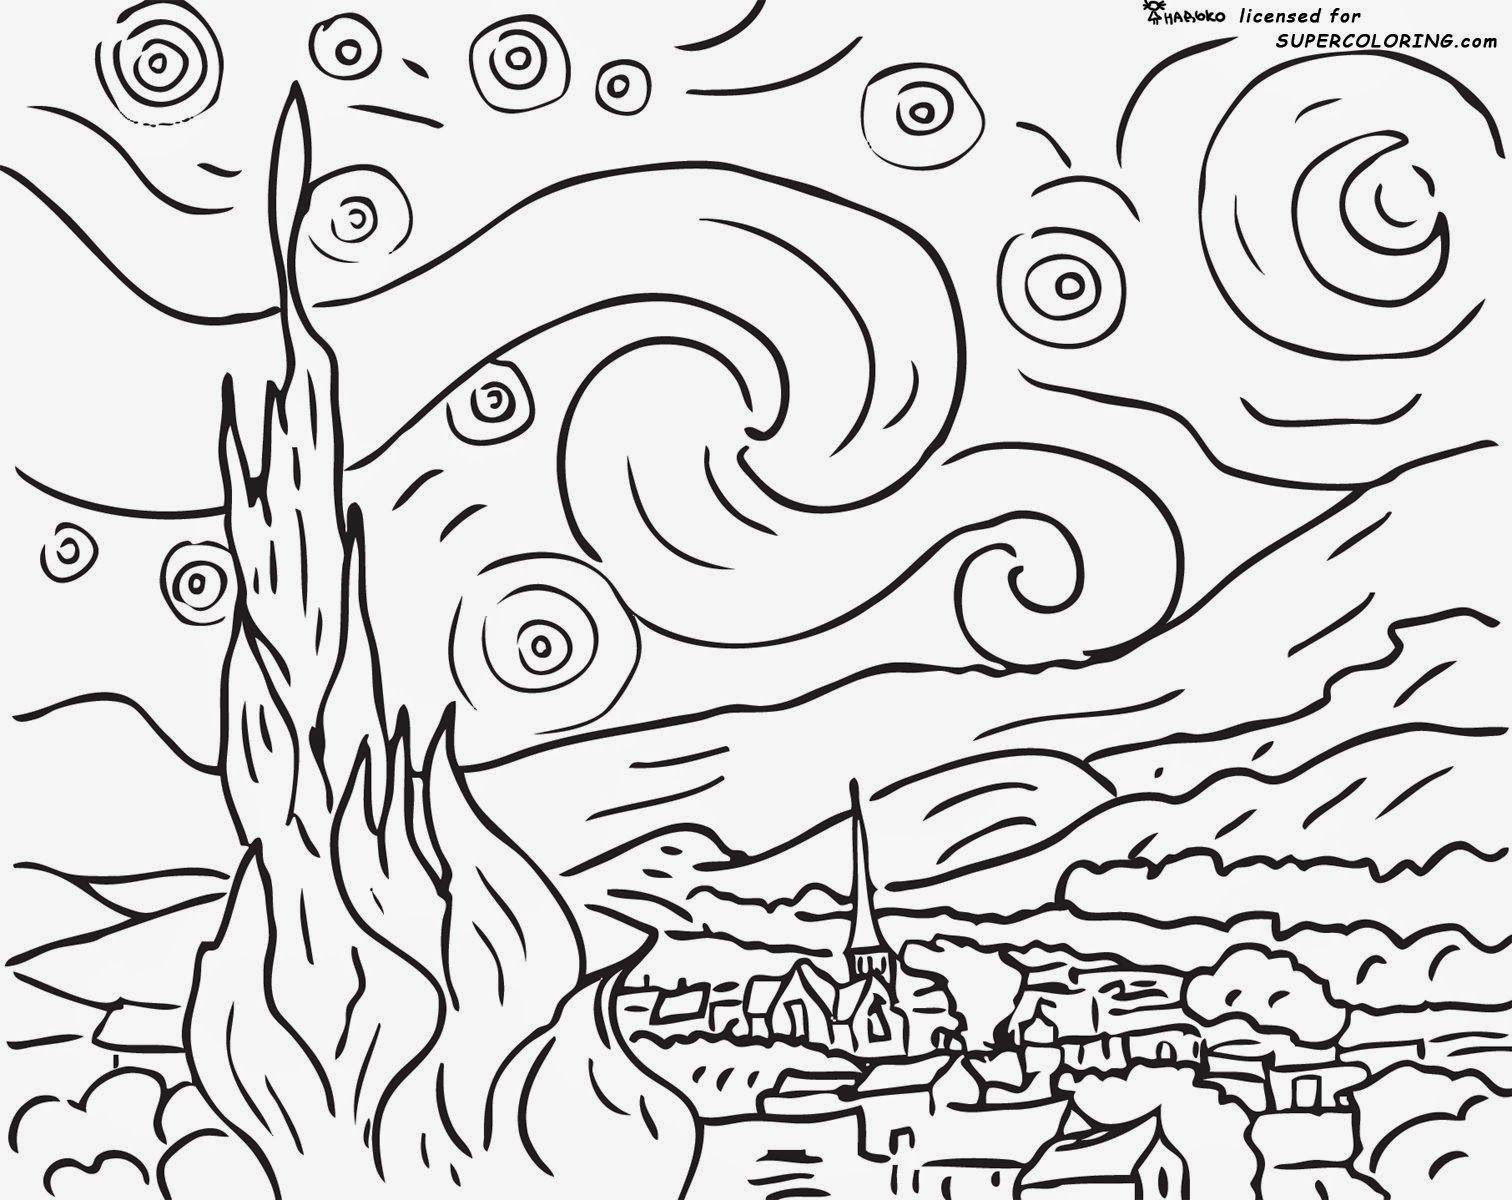 pintores famosos van gogh para nios vdeos dibujos para colorear canciones ideas para carnaval ms